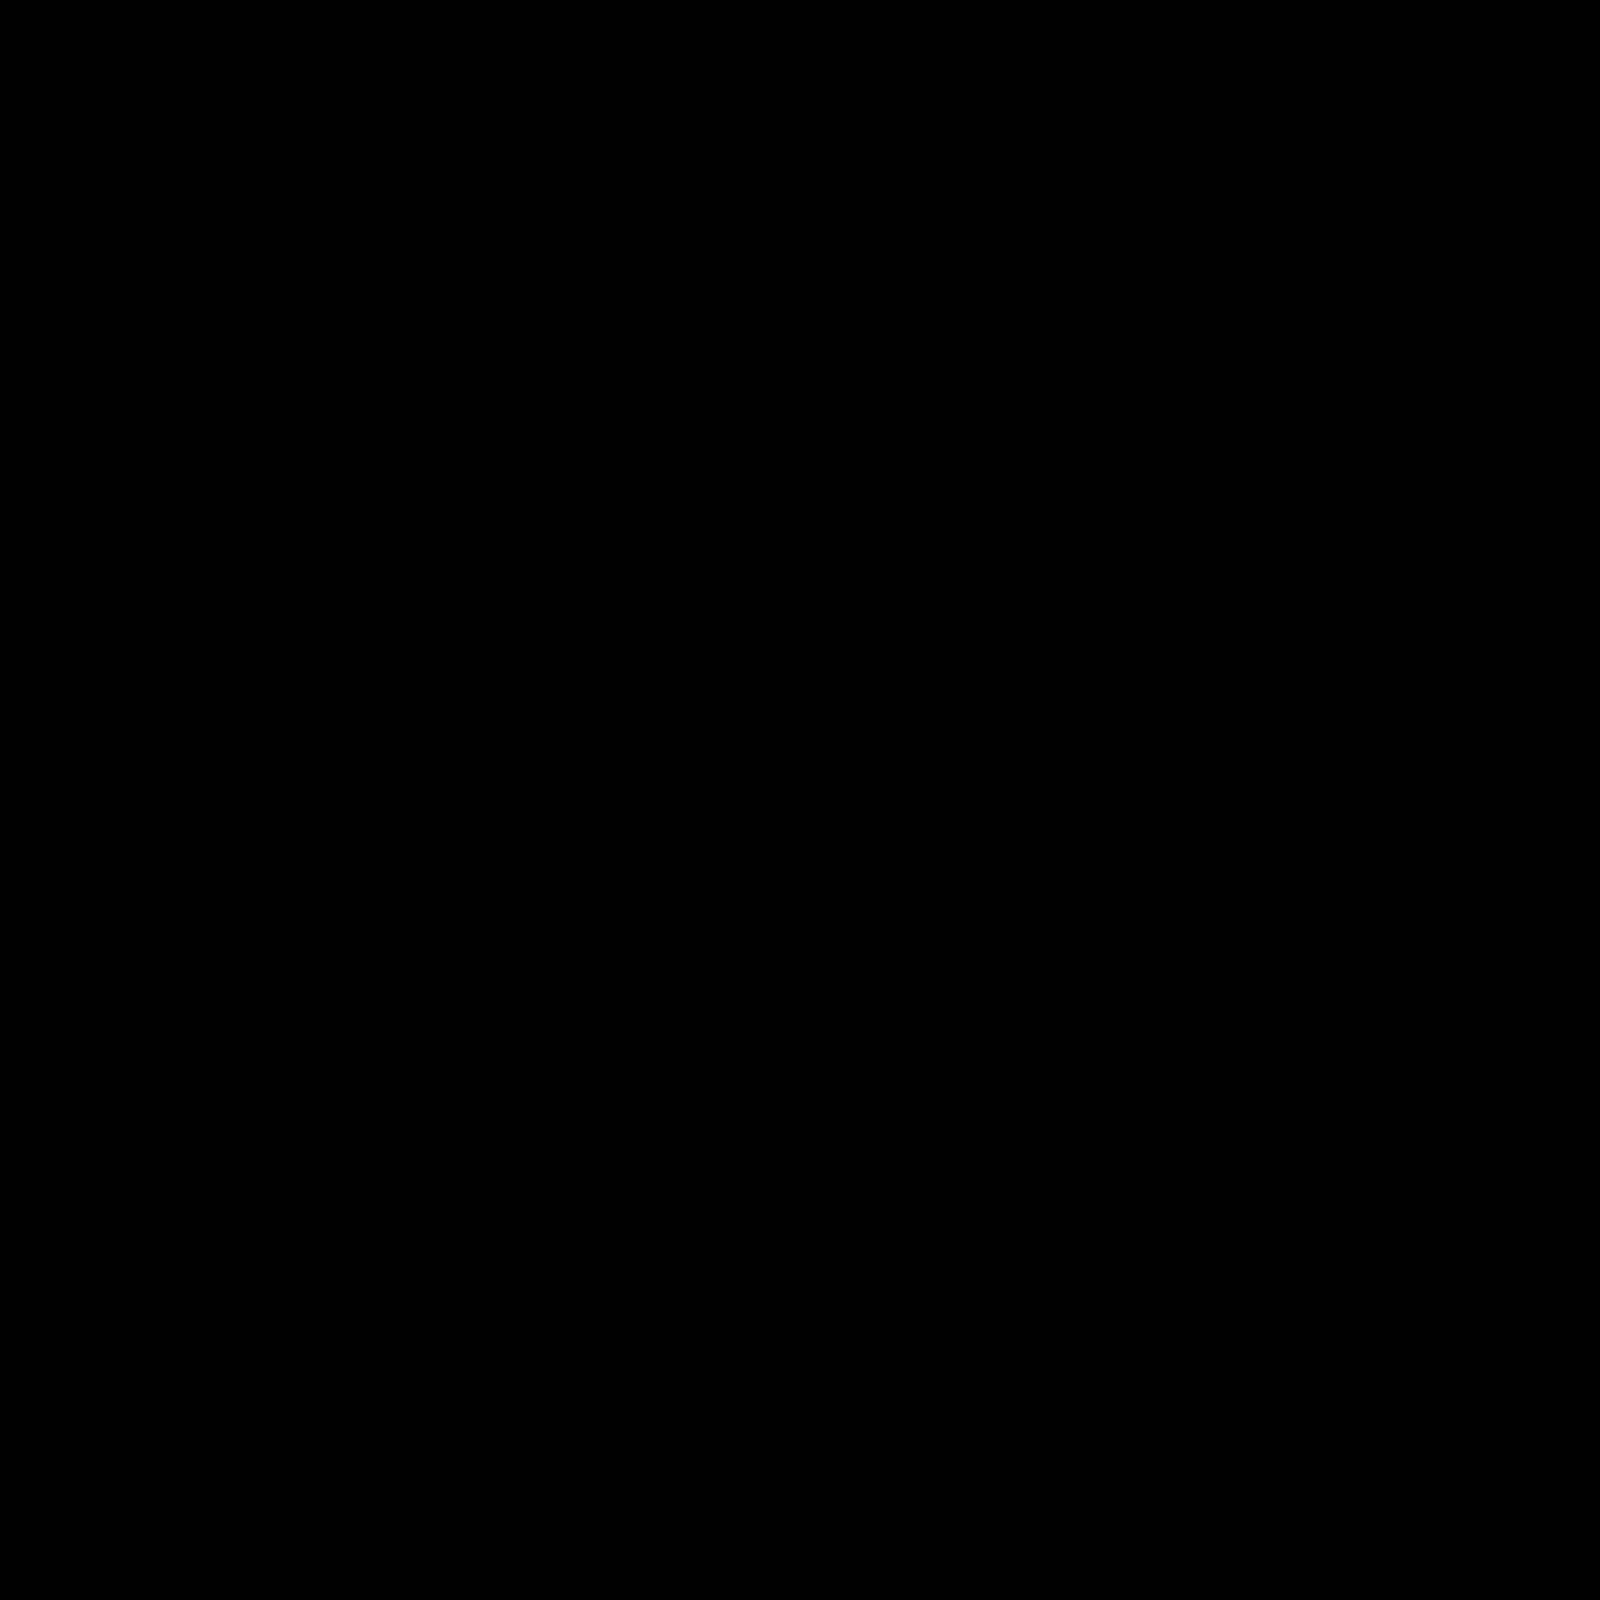 Szatnia Icon - Szatnia PNG